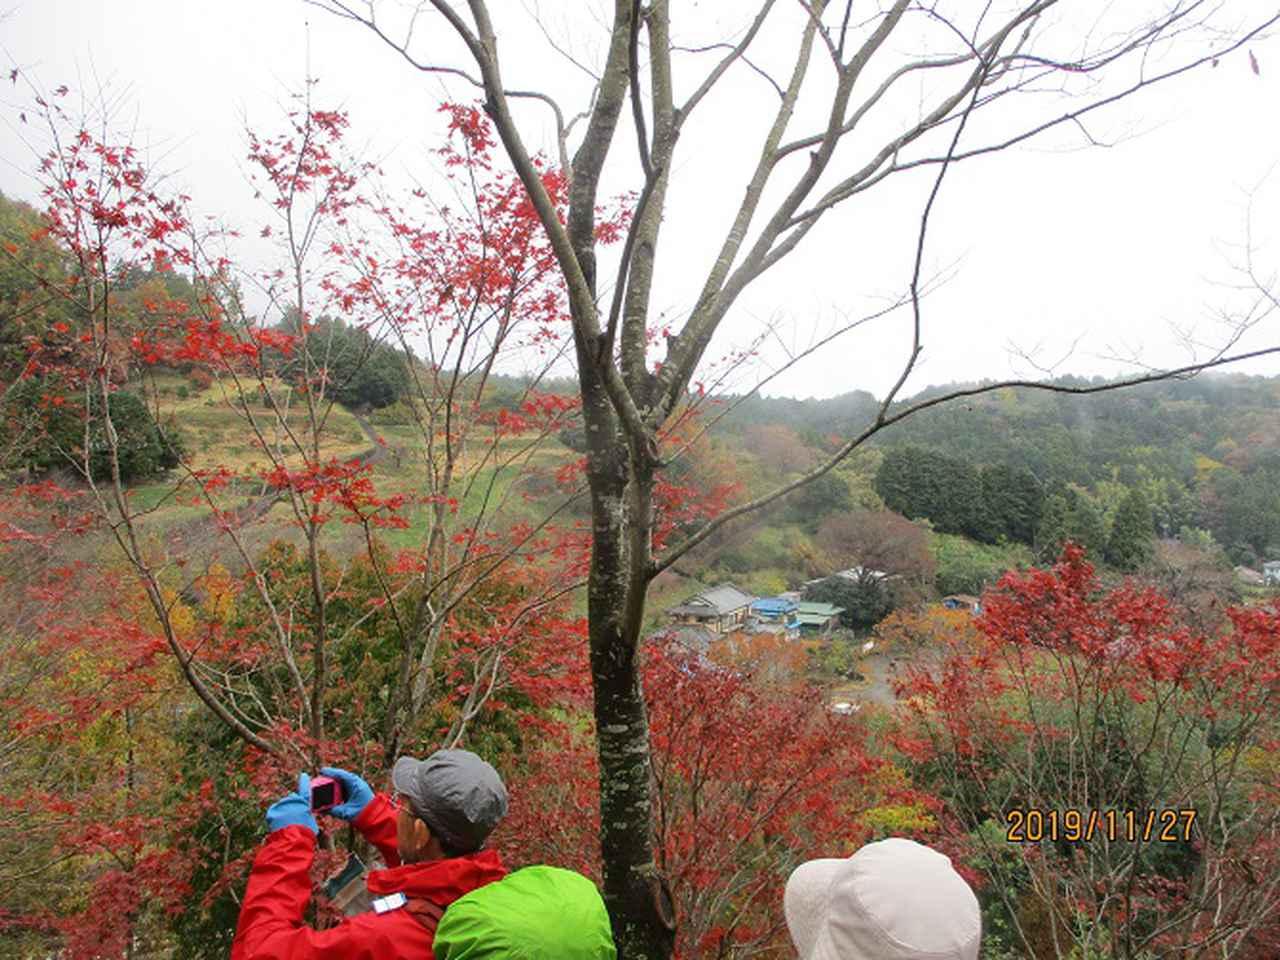 画像10: 11月27日に山旅会 矢倉岳 ツアーに行ってきました!